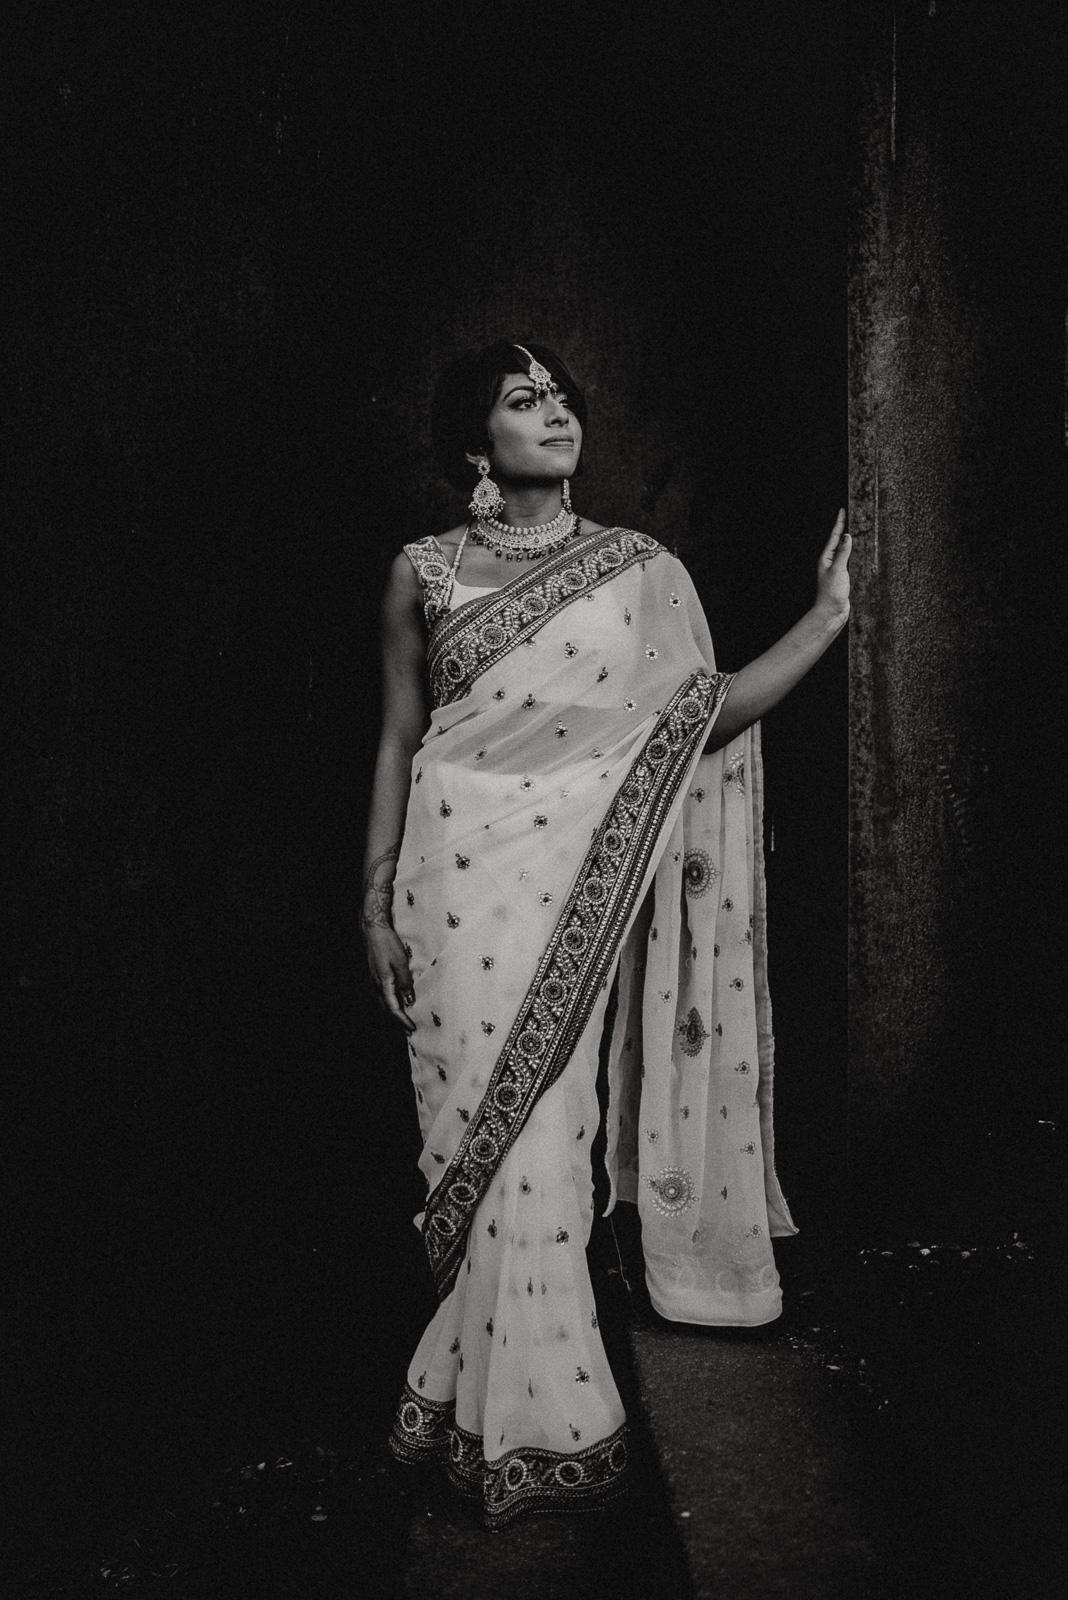 011-designparaplus-bochum-saree-indische-braut-fotograf